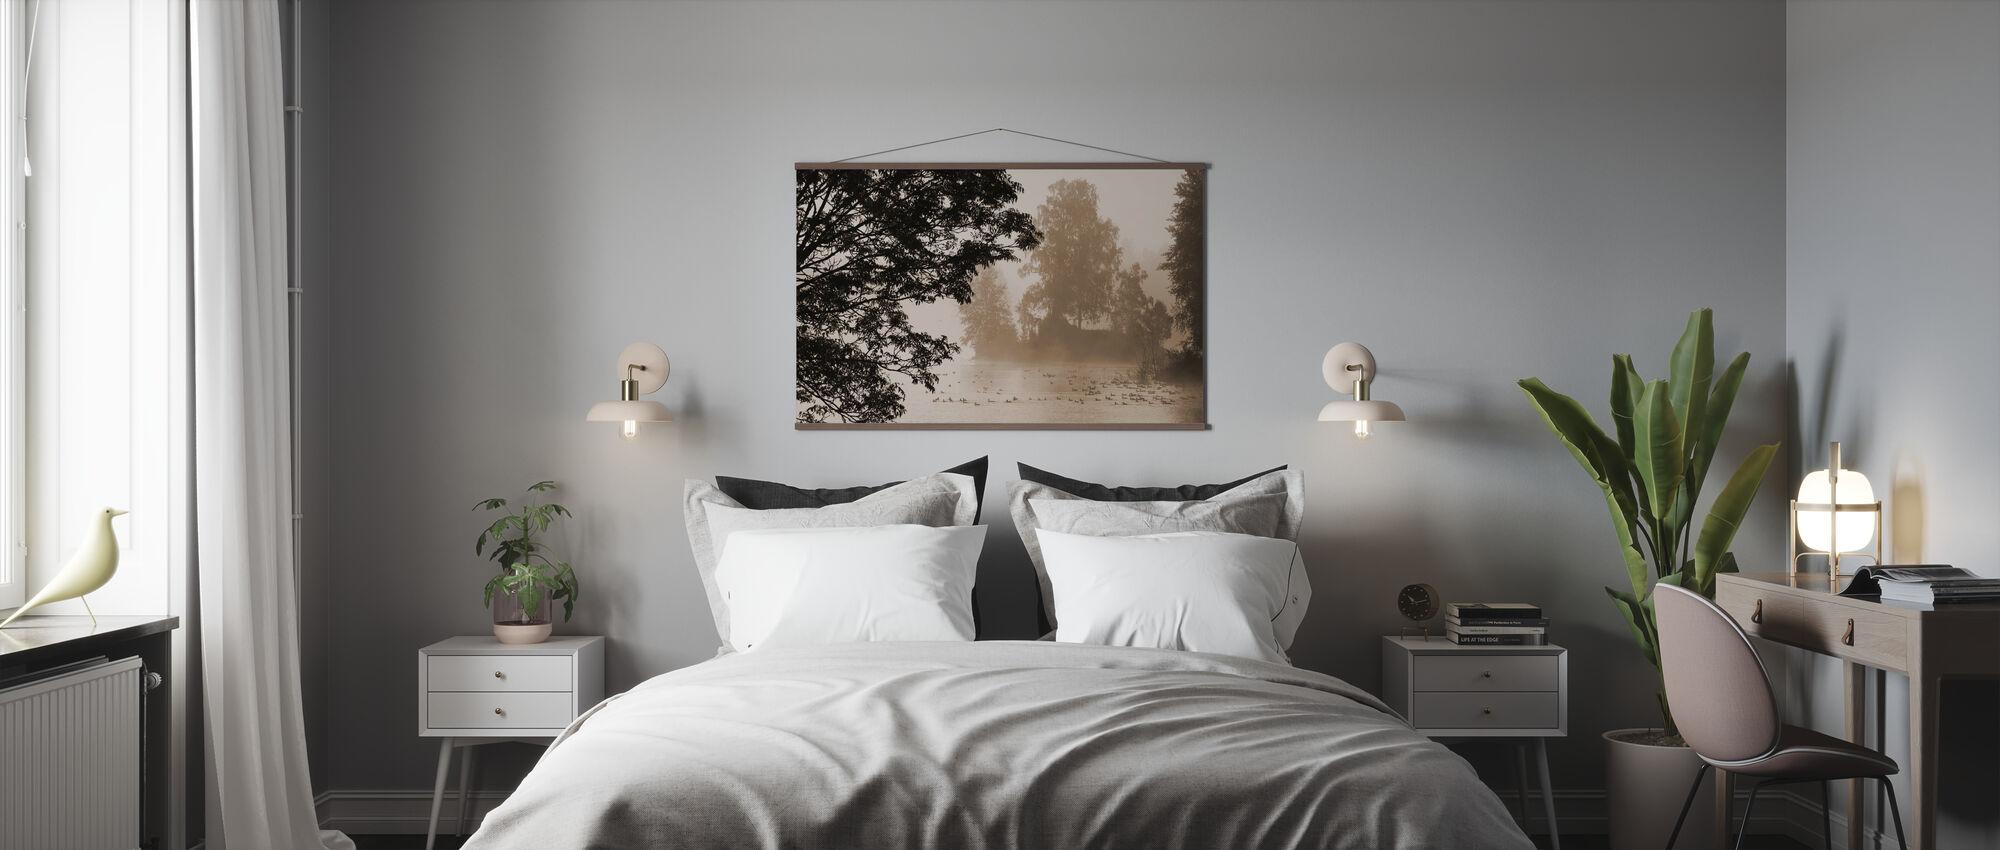 Morning Mist - Poster - Bedroom